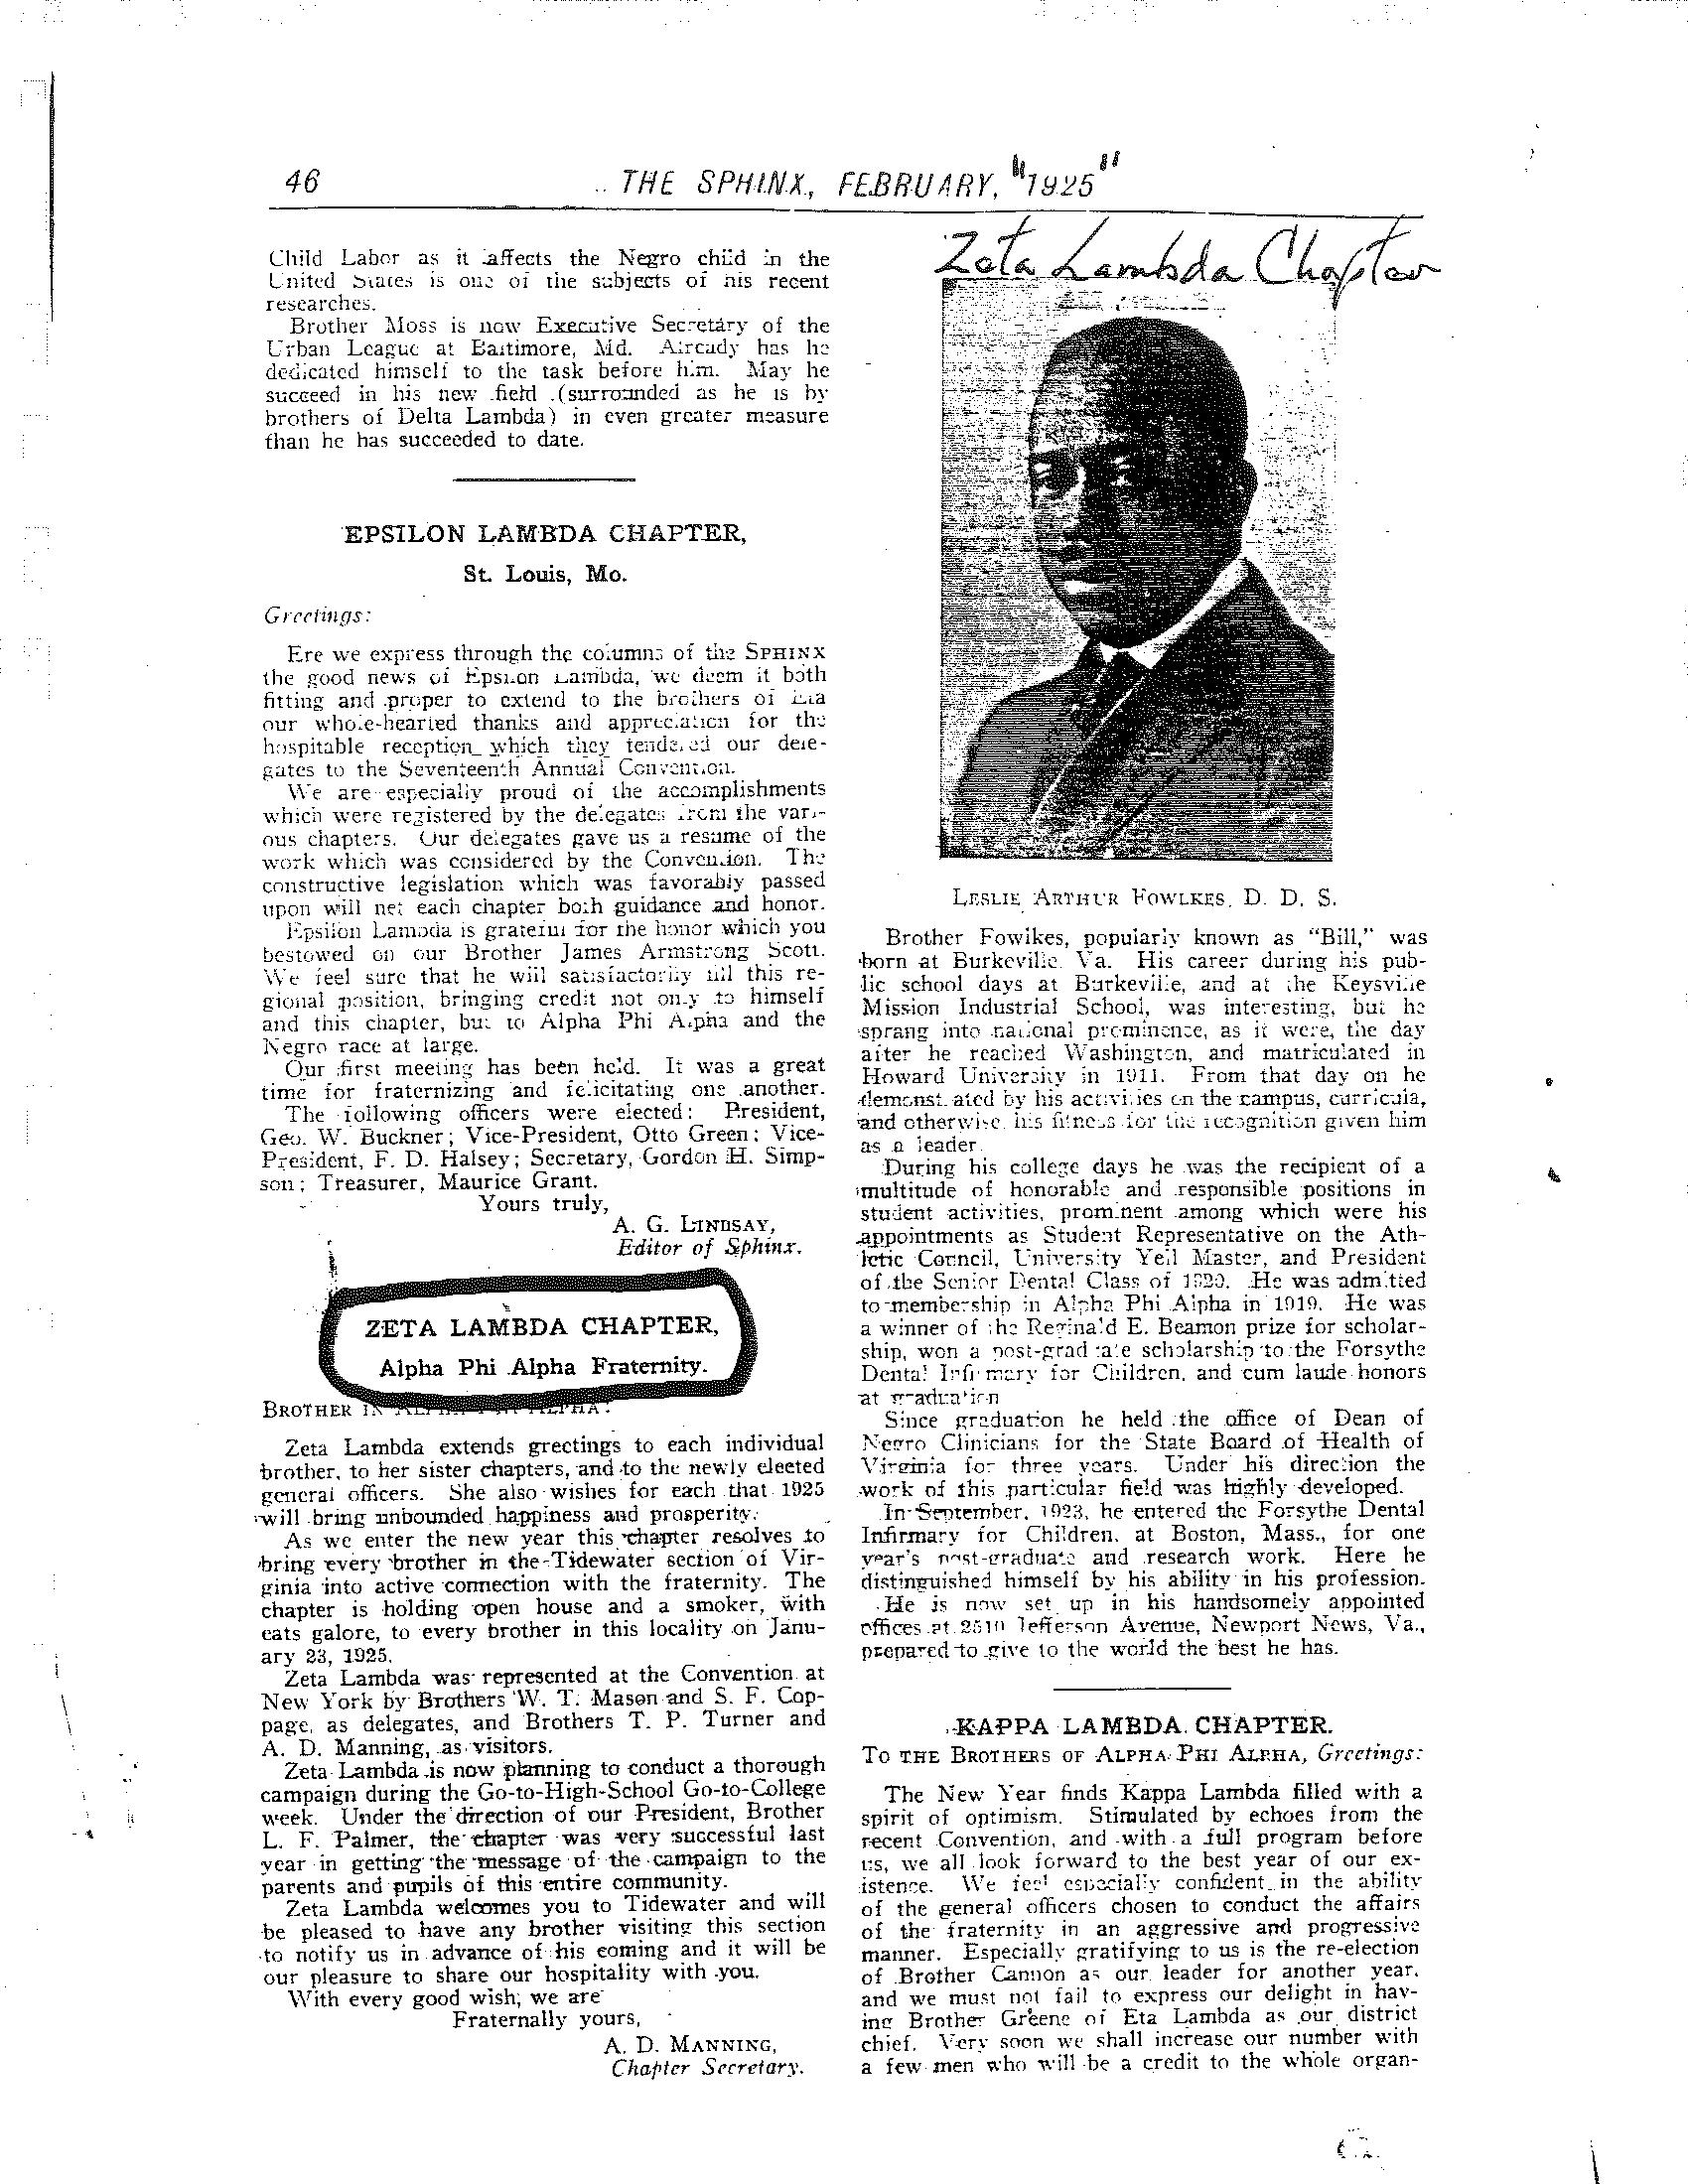 Zeta Lambda 1925 - The Sphinx-1.png